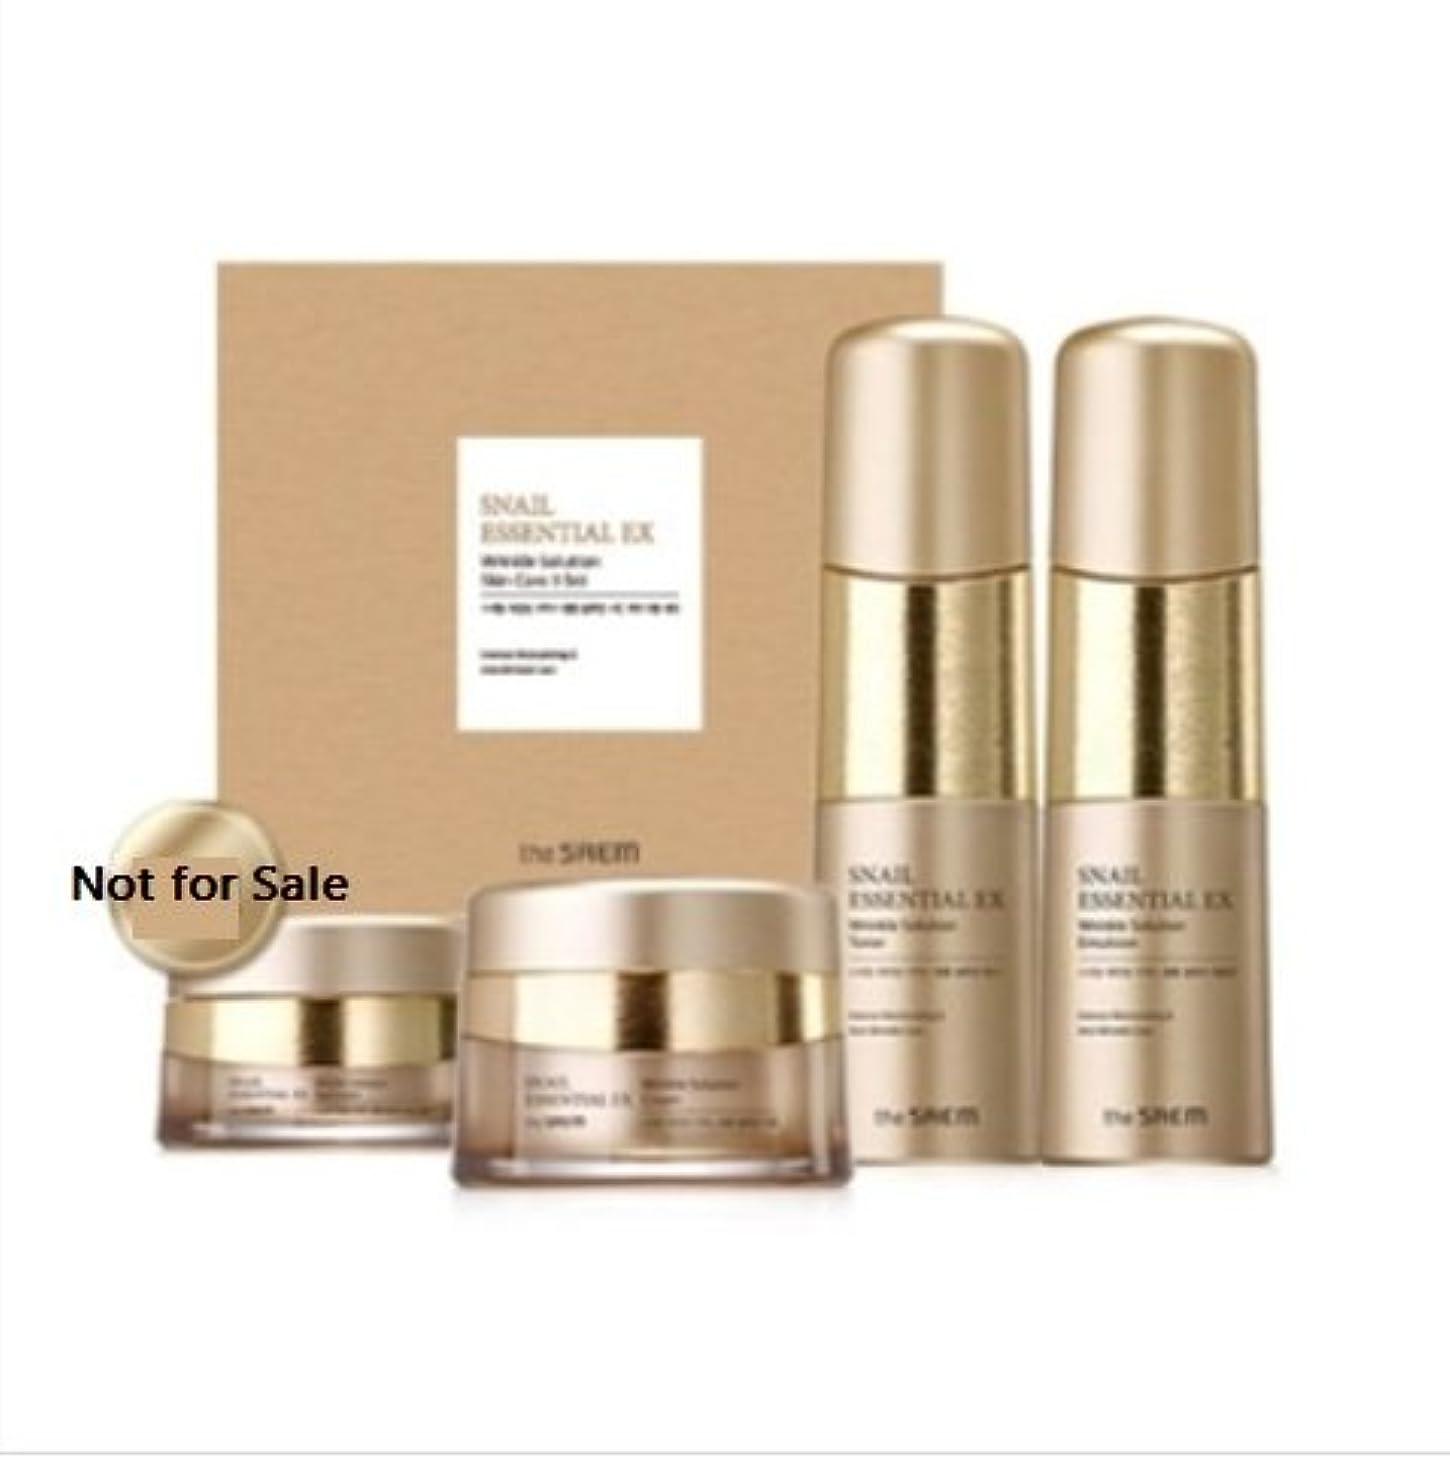 野ウサギバング差し控える[ザセム] The Saem [スネイル エッセンシャル EXリンクルソリューション スキンケア 3種セット] (Snail Essential EX-Wrinkle Solution Skin Care 3Set) [...